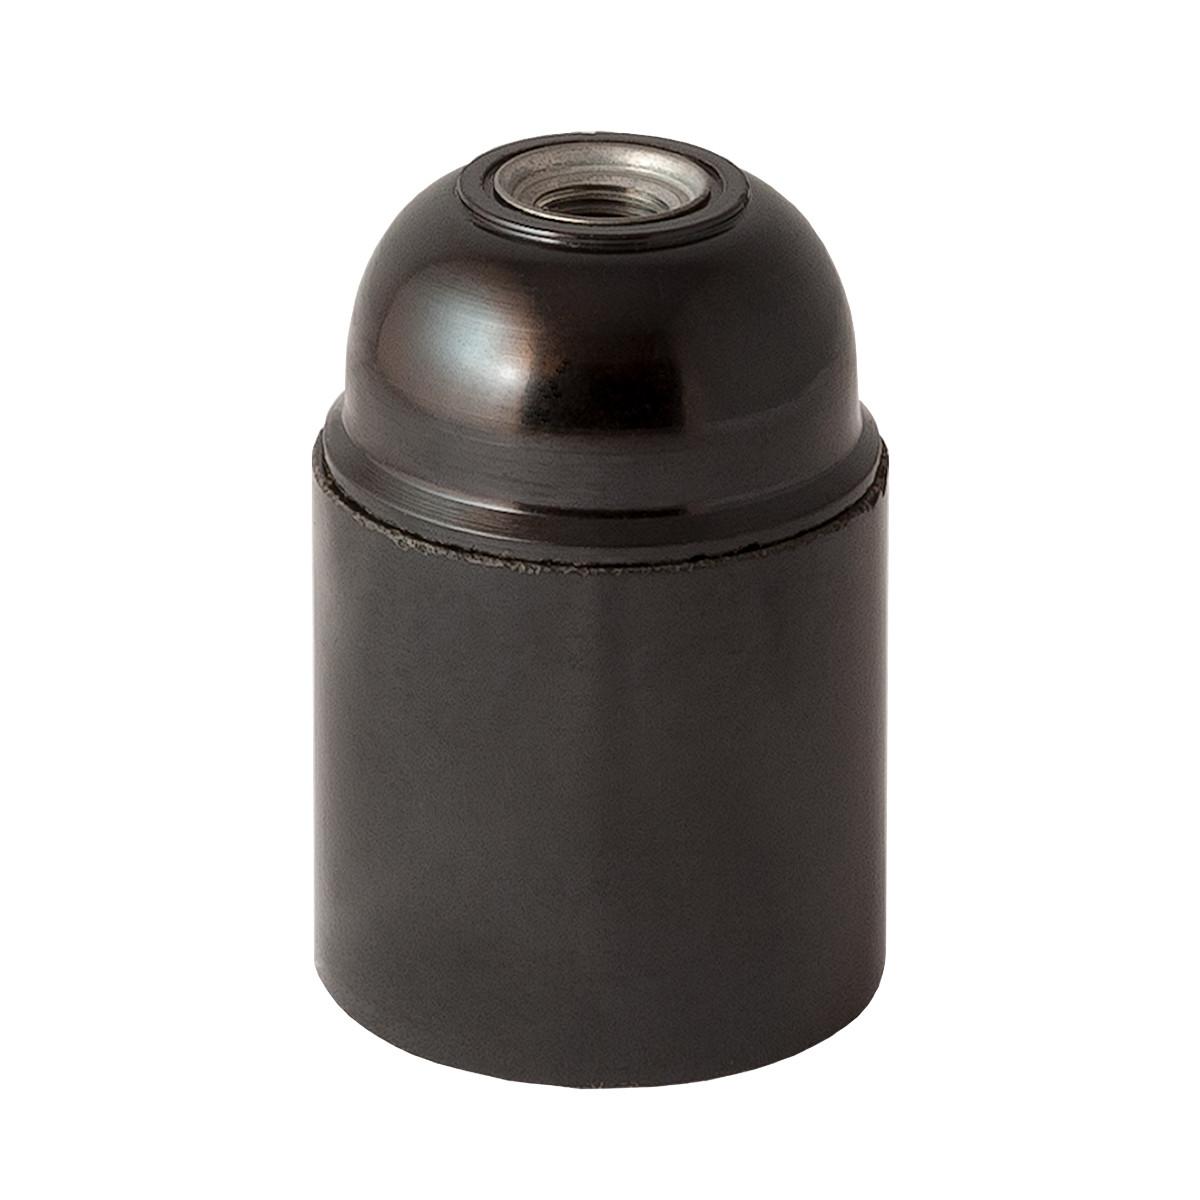 Bakelite Lamp Holder E27 Cylindrical Unthreaded Black